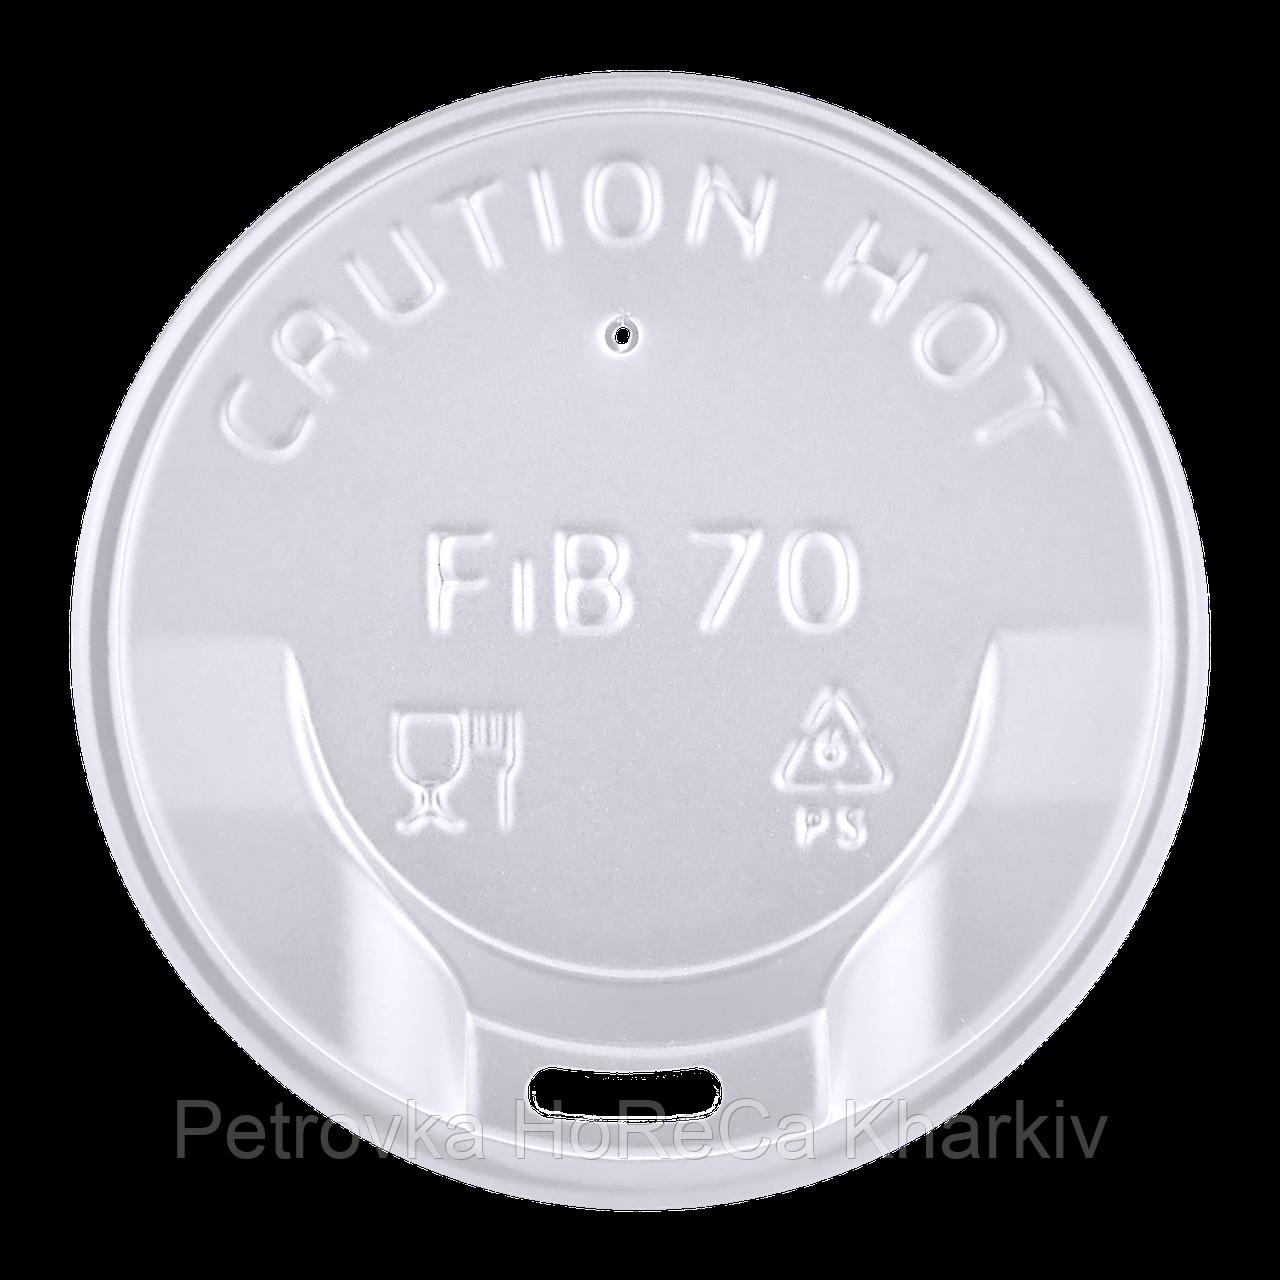 Кришка FiB 70 Біла 50шт/уп.175 склянку (1ящ/30уп/1500шт)